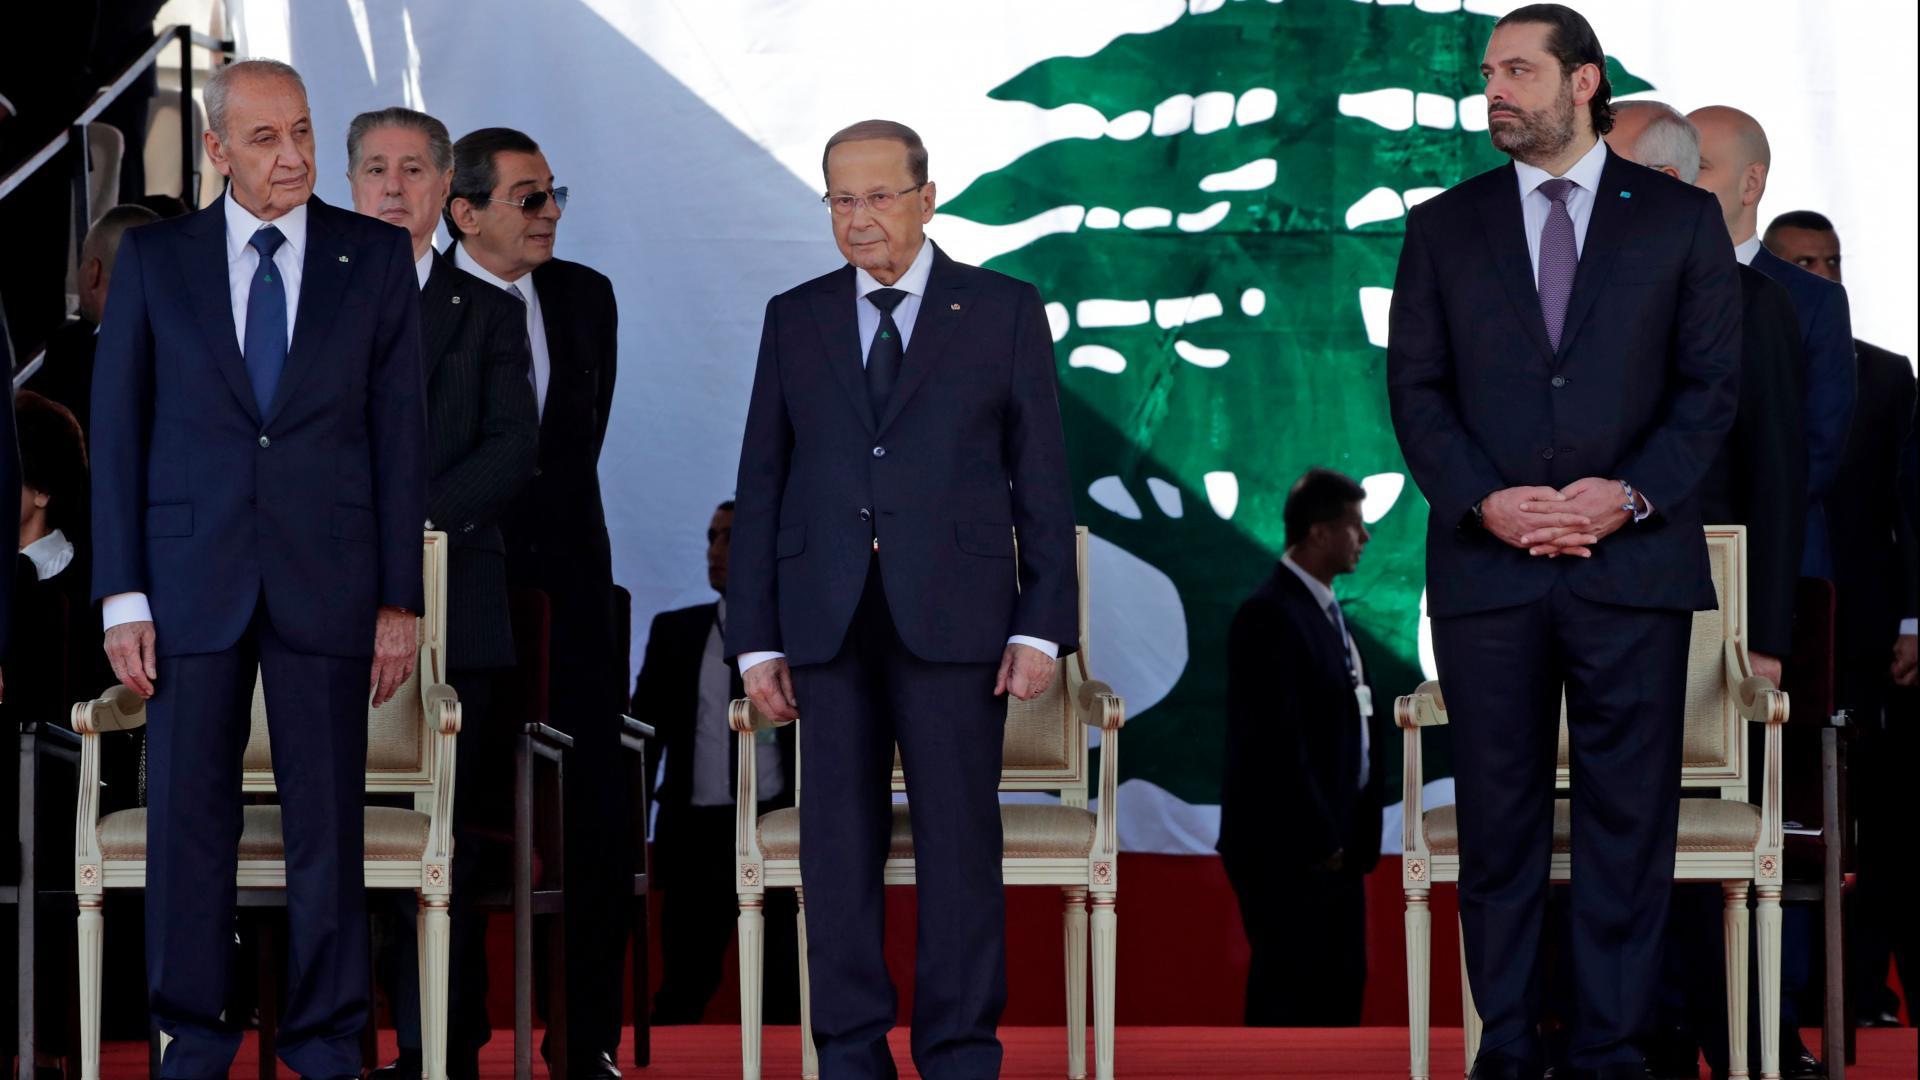 بعد زيارة ظريف إلى لبنان.. عون يستقبل مستشارا بالديوان الملكي السعودي